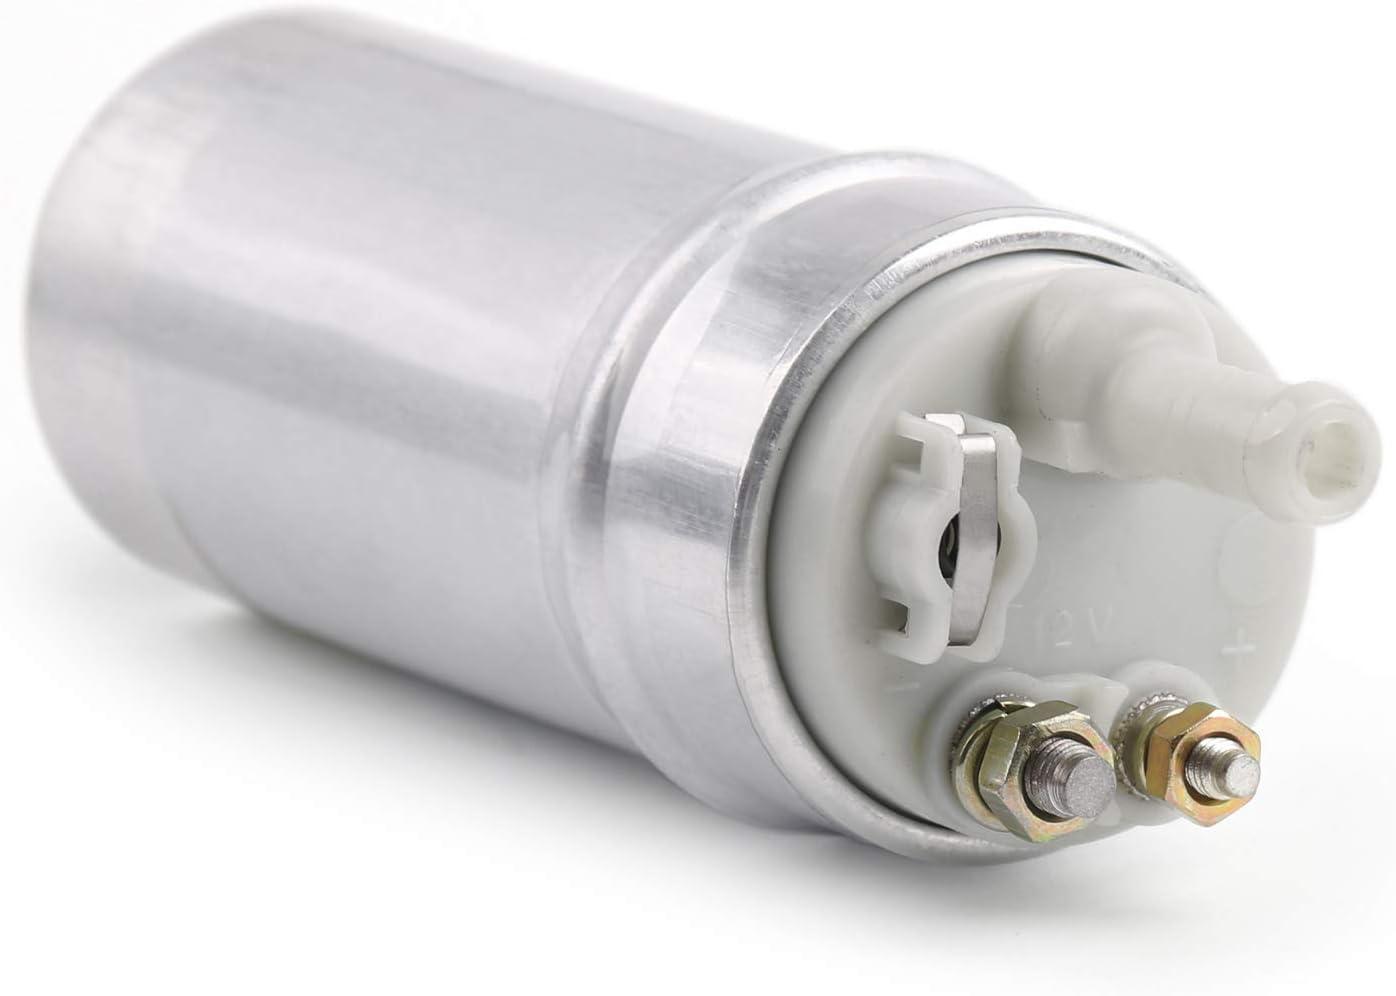 Bomba de combustible Areyourshop para B-M-W R1100S 98-05 R1200C R850 Avantgarde Euro Classic con colador